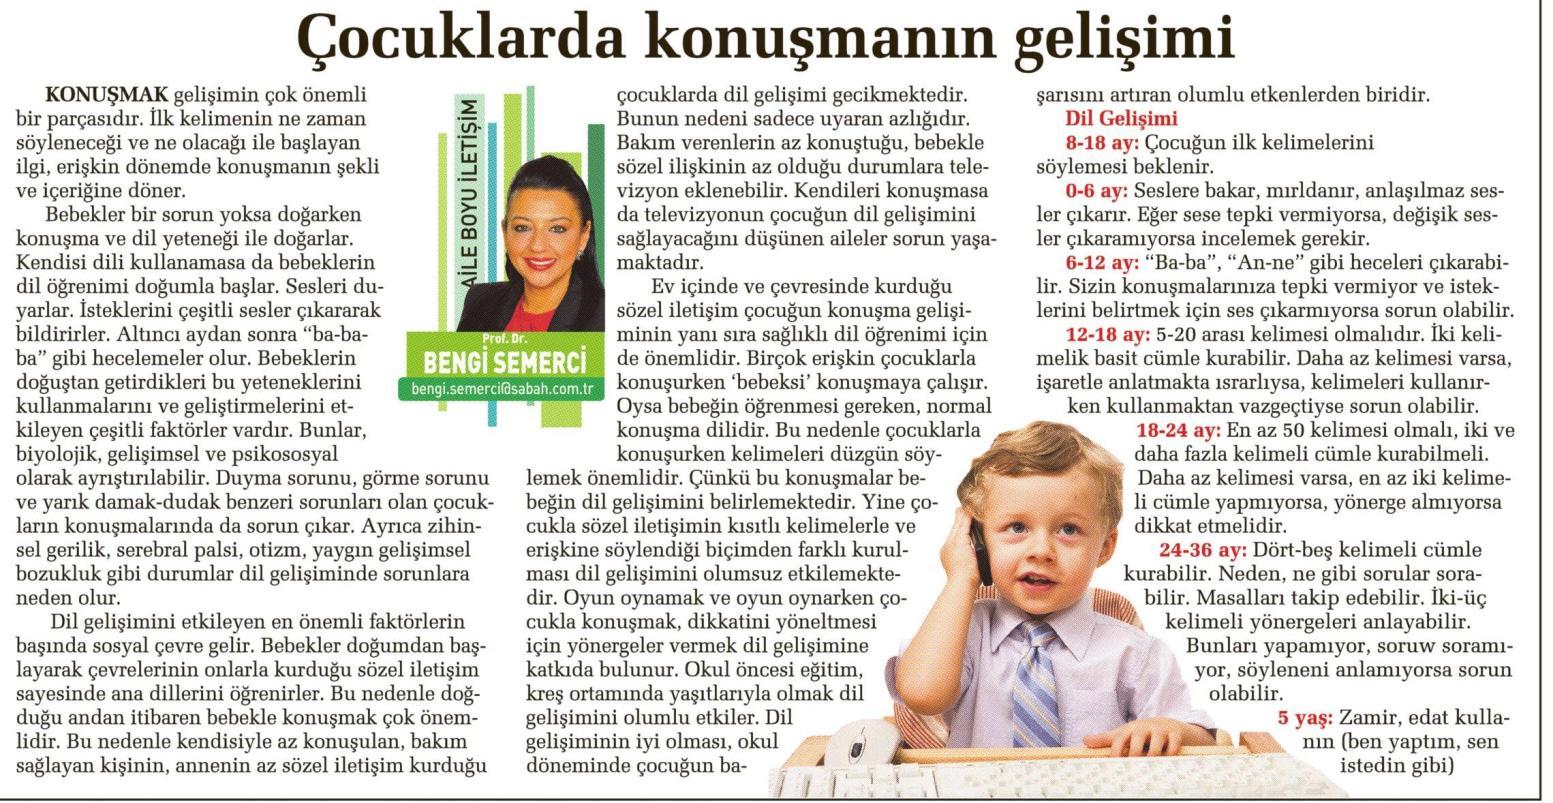 Çocuklarda konuşmanın gelişimi - SABAH CUMARTESİ 30.08.2014